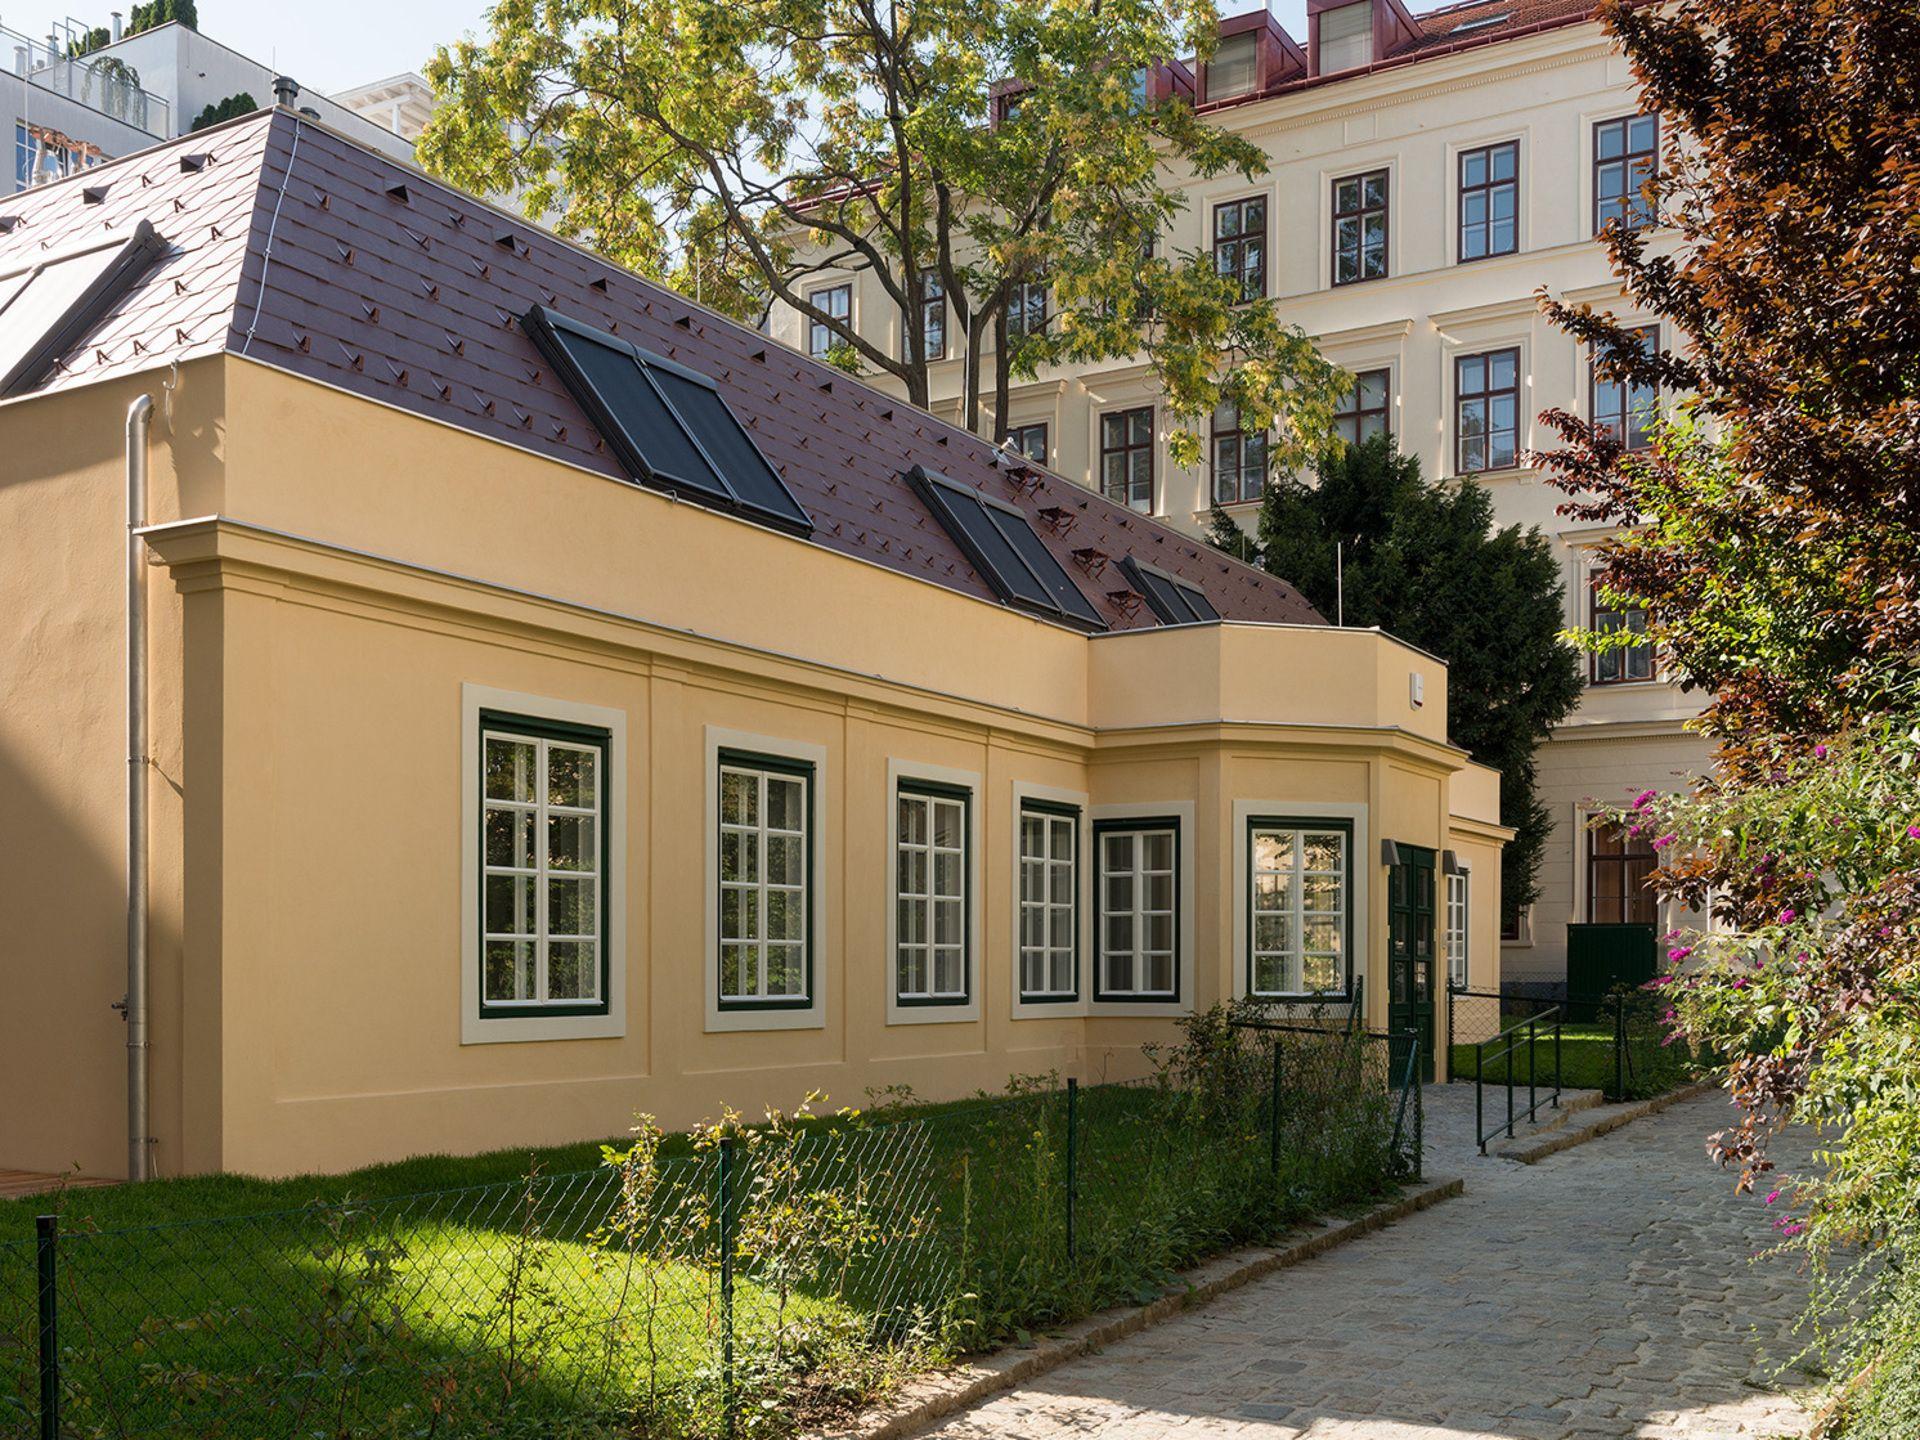 Landstraßer Hauptstraße 33, 1030 Wien - Stilvoll und erfrischend